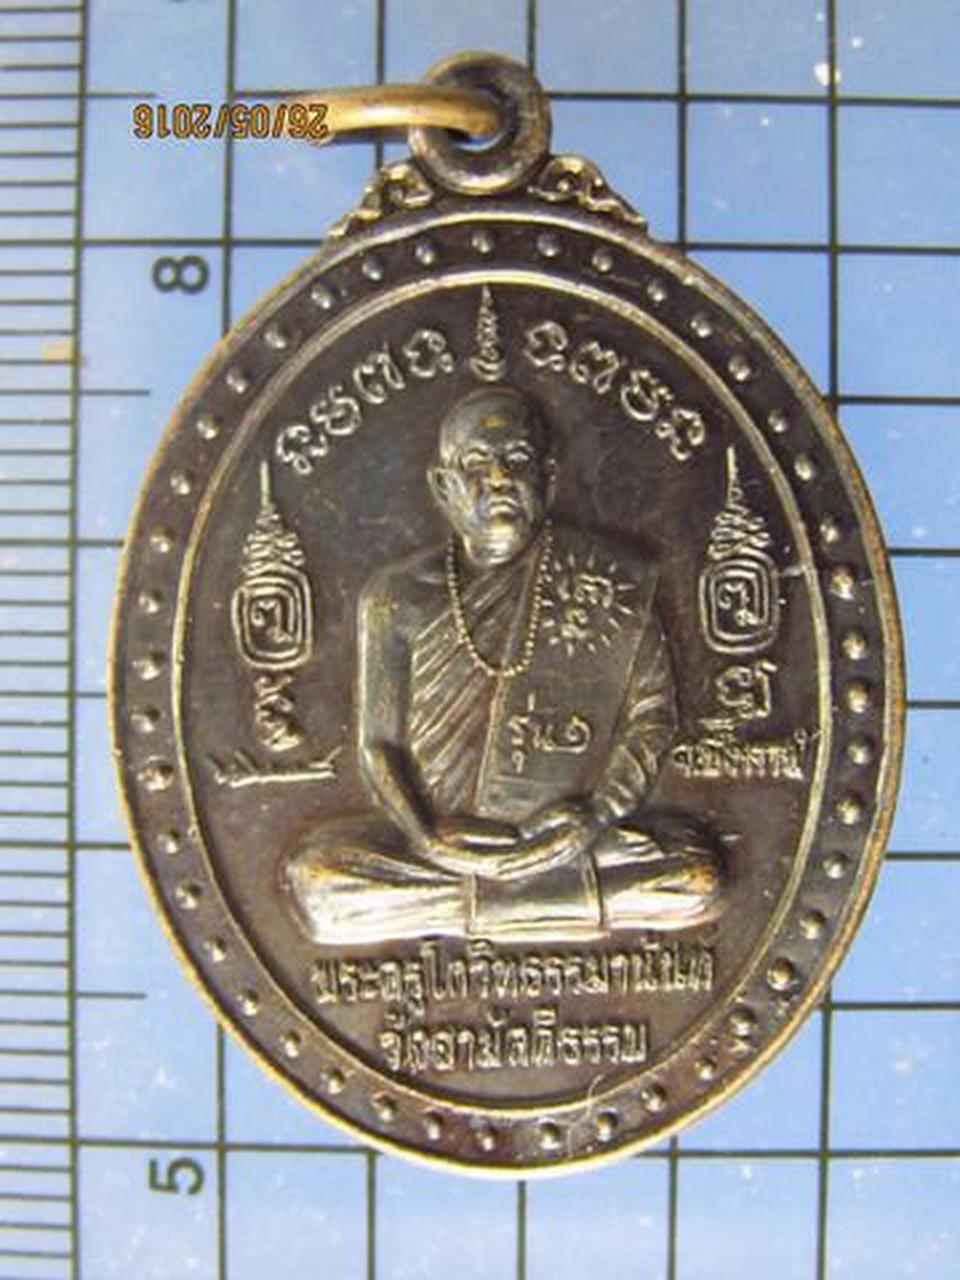 3445 เหรียญรุ่นแรก หลวงพ่อโกวิท วัดสามัคคีธรรม จ.บึงกาฬ รูปที่ 4